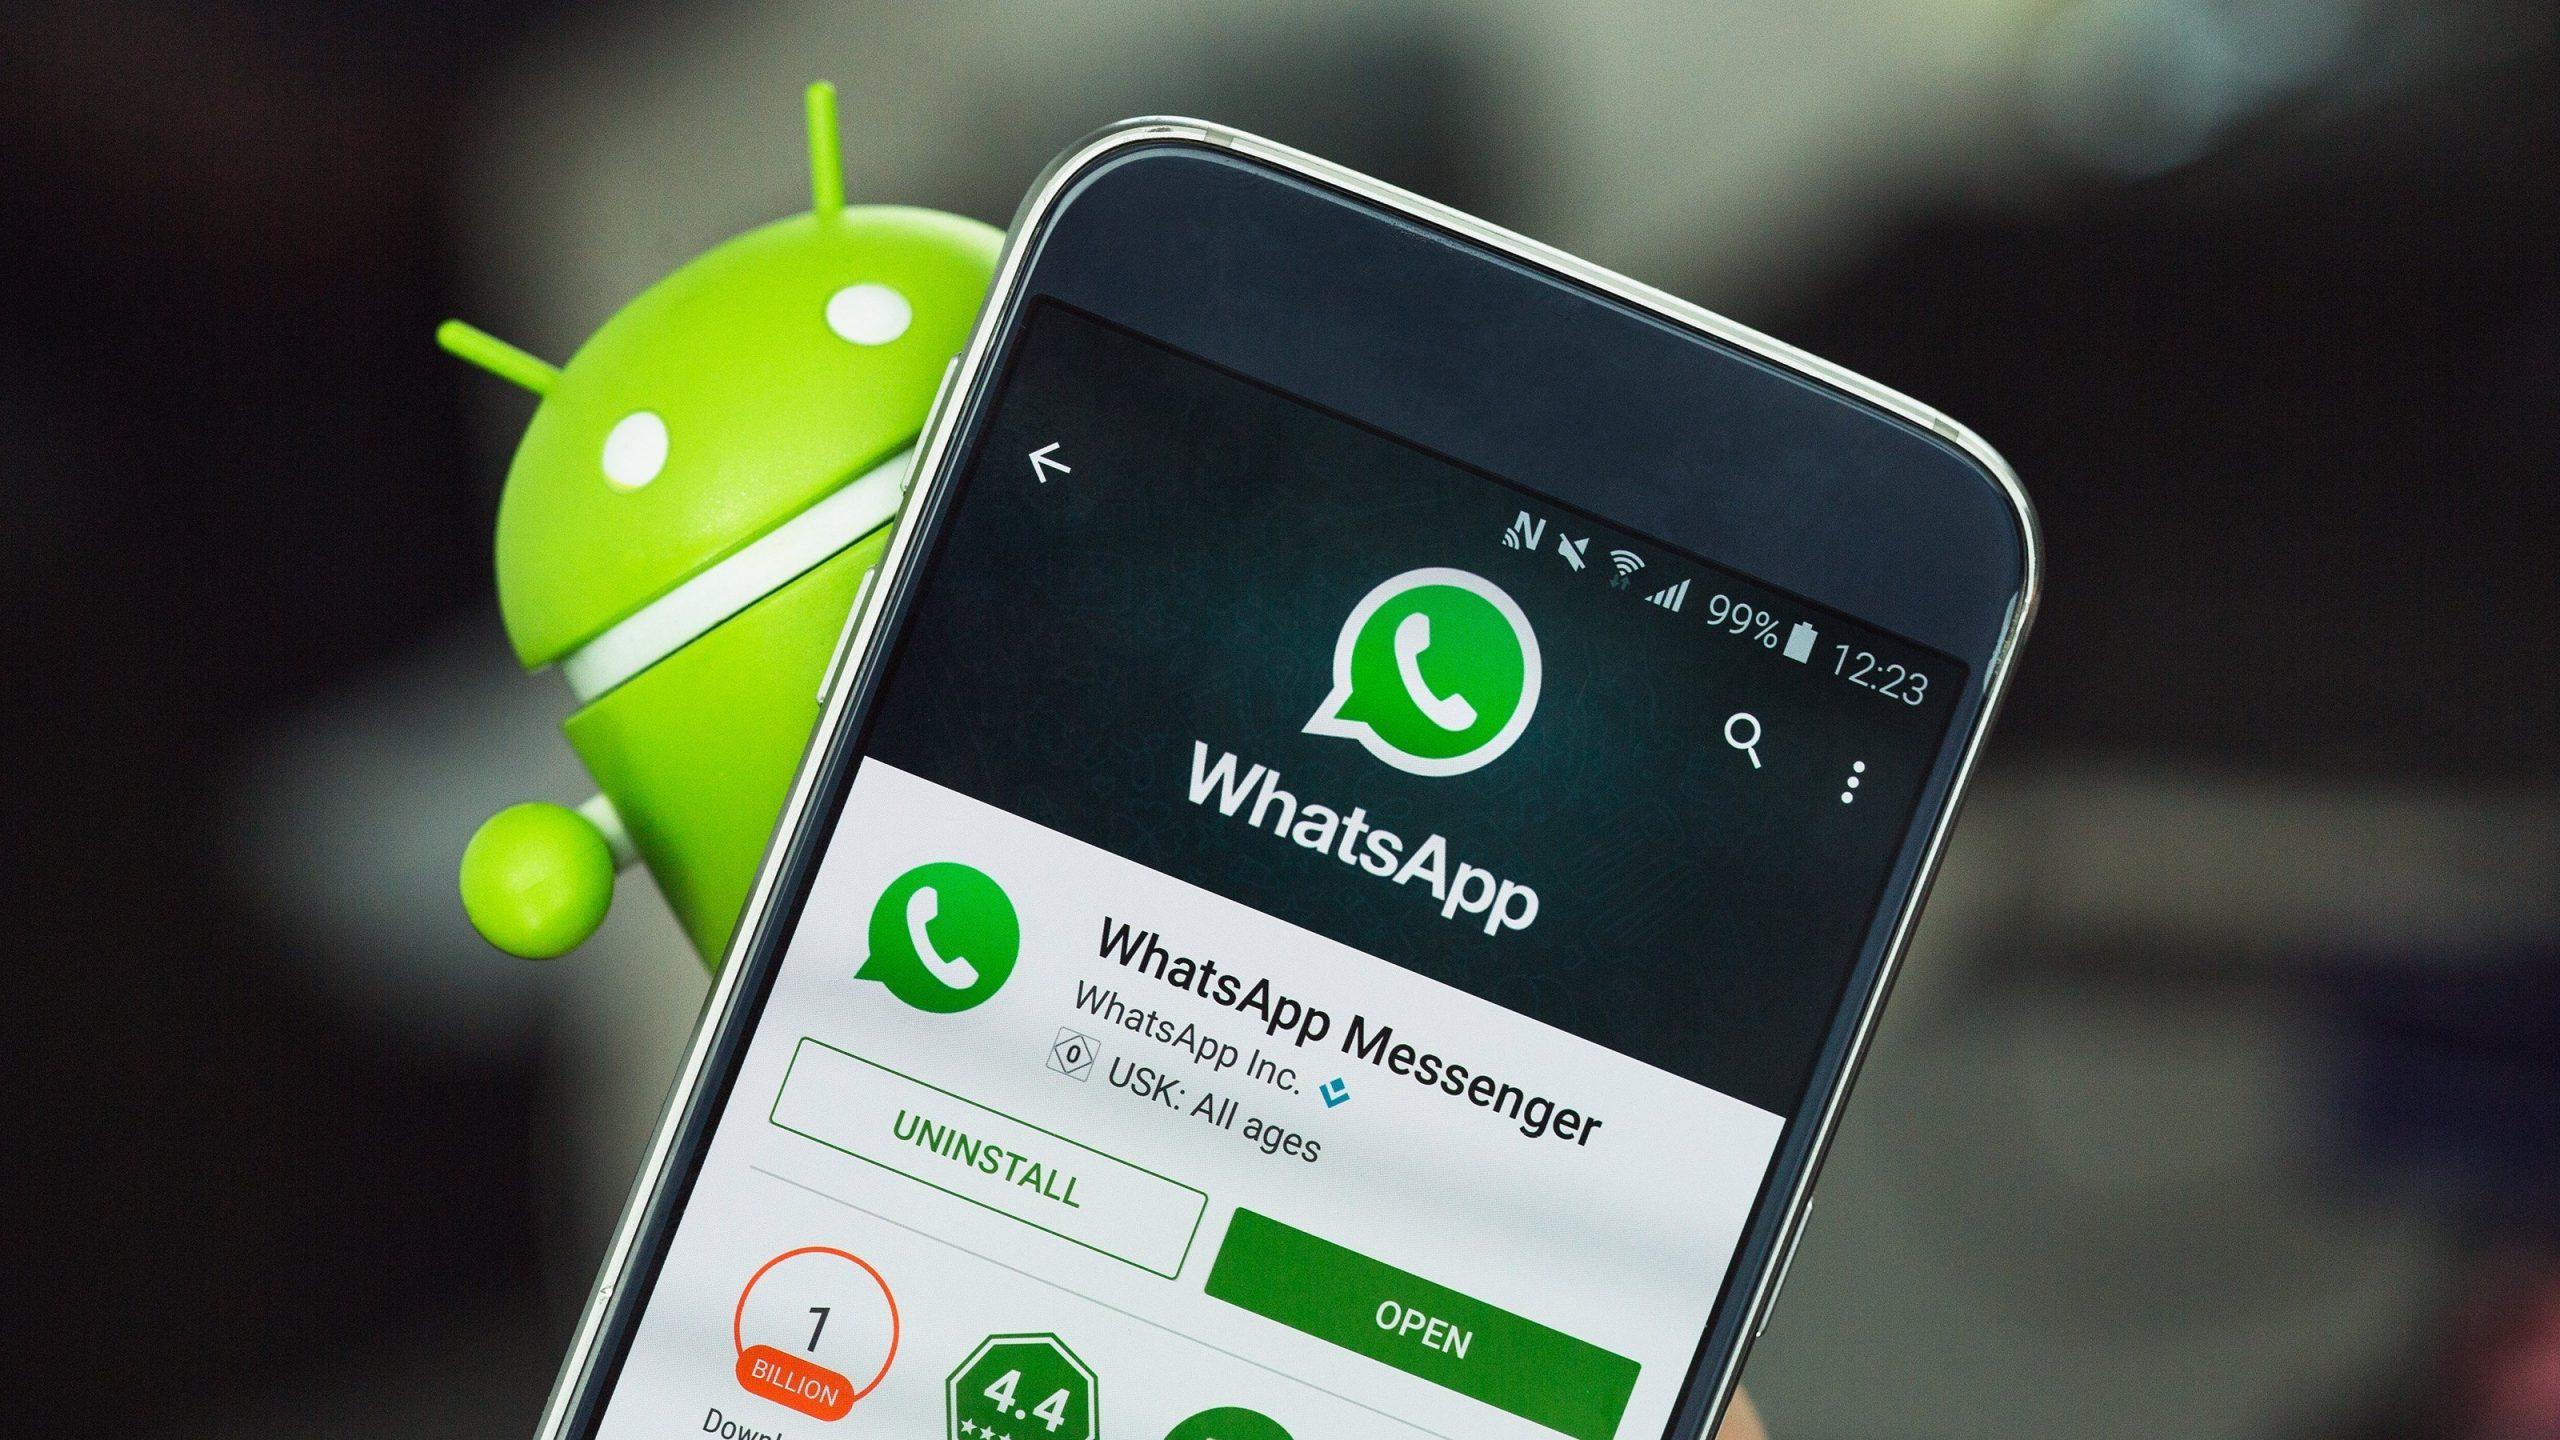 Whatsapp-ek komunikabideen ikusgarritasun funtzioa lortzen du!